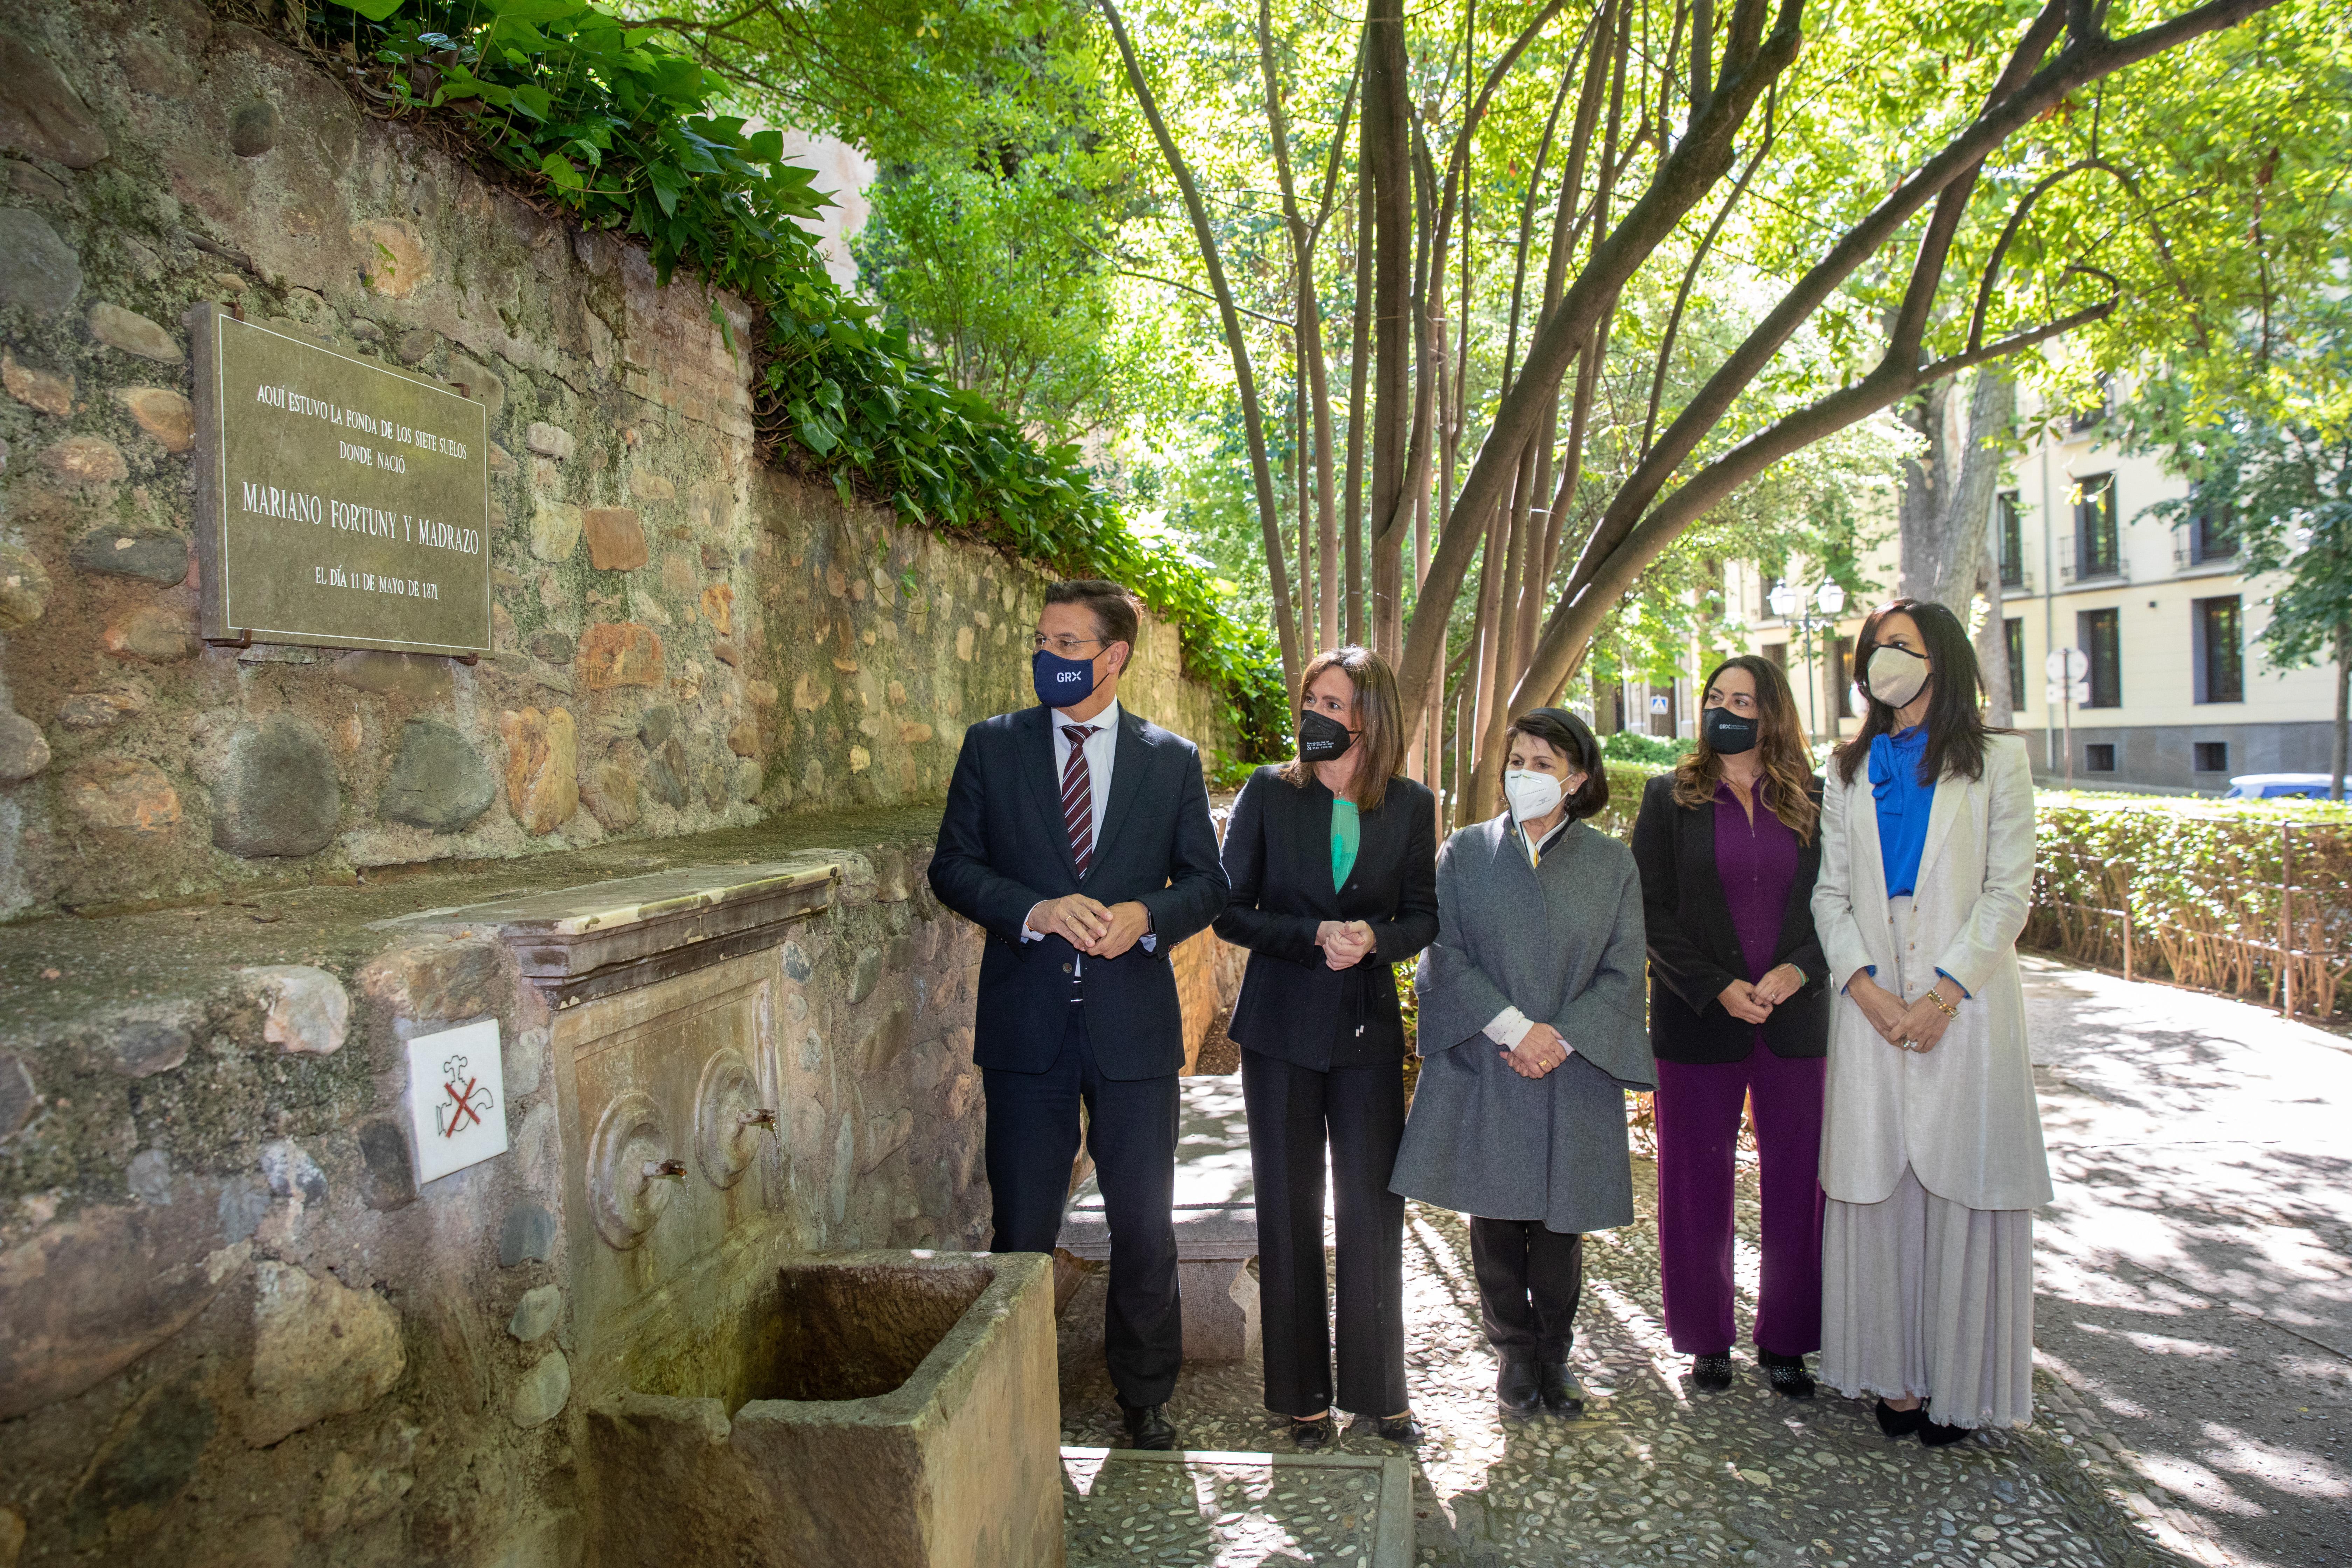 La Alhambra homenajea a Mariano Fortuny y Madrazo con una placa en el lugar donde nació hace 150 años